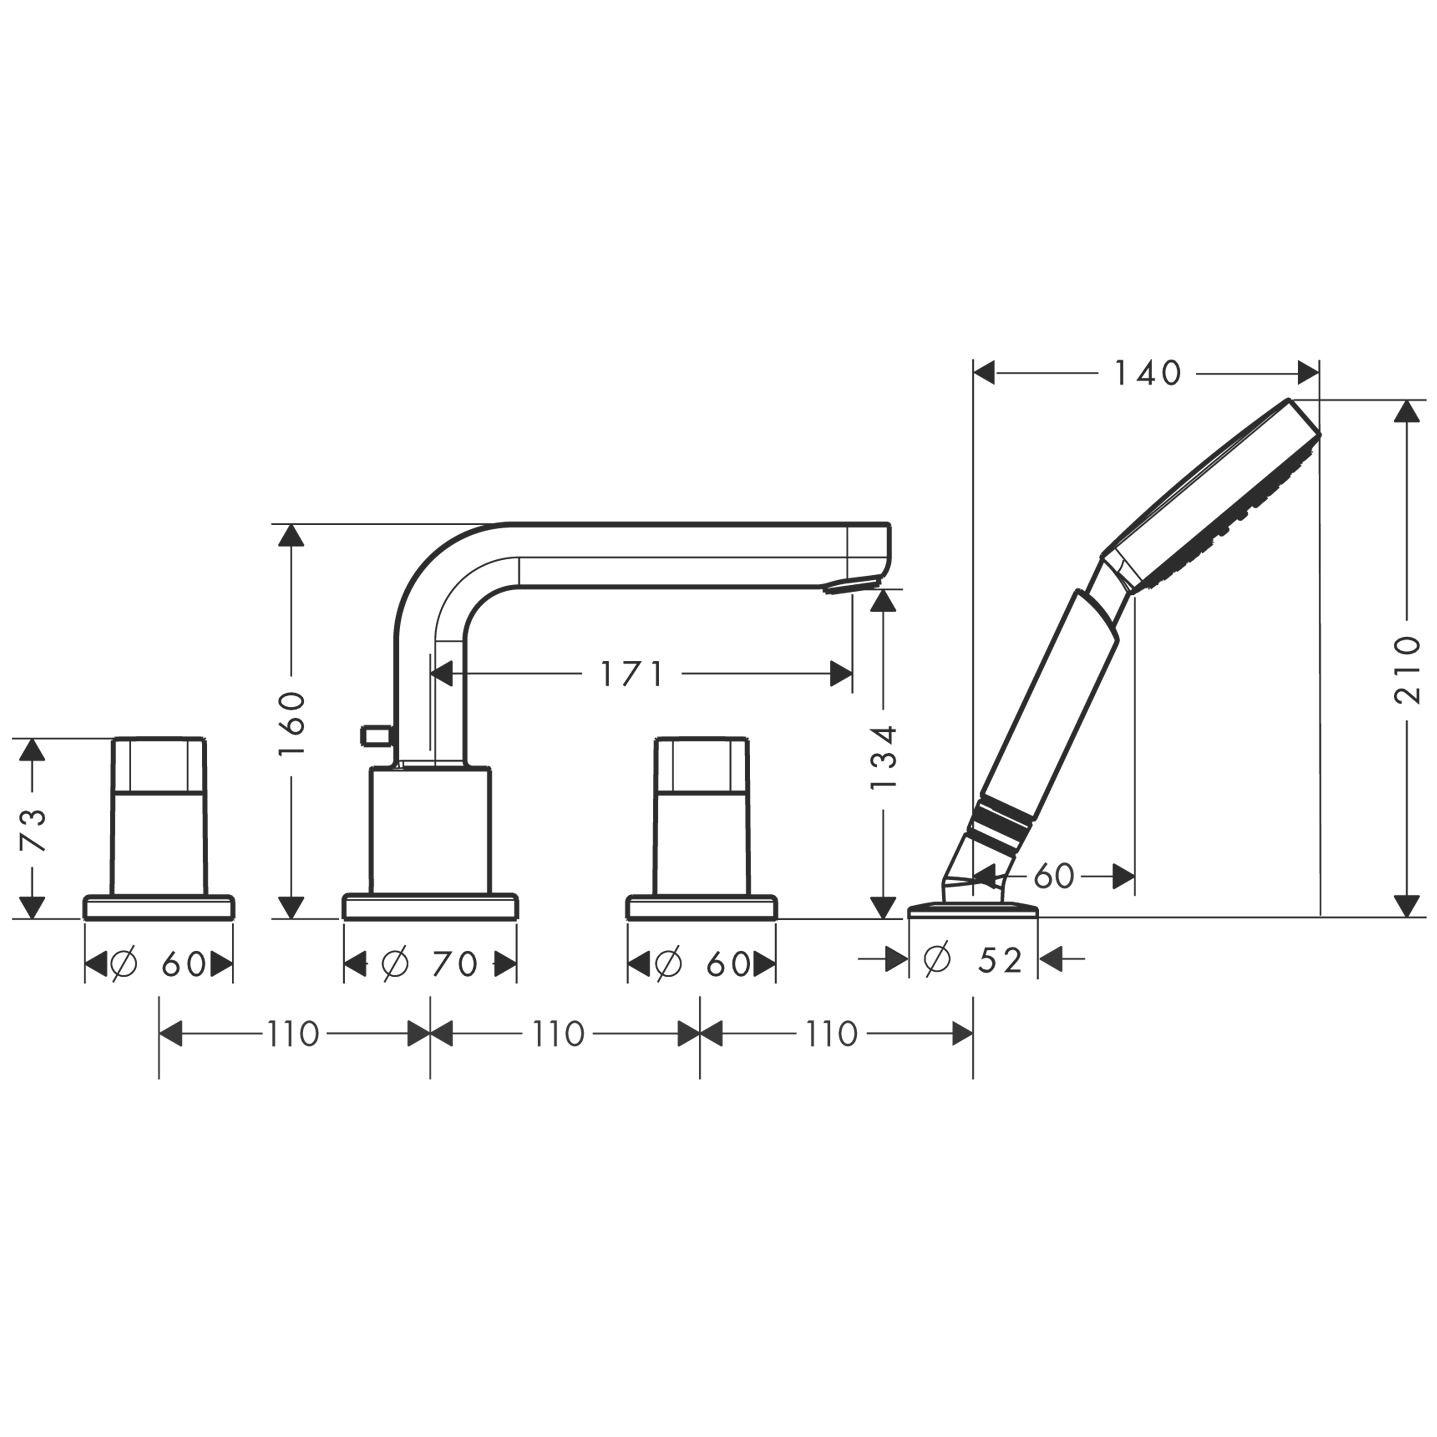 Scale Drawings Worksheet 7th Grade